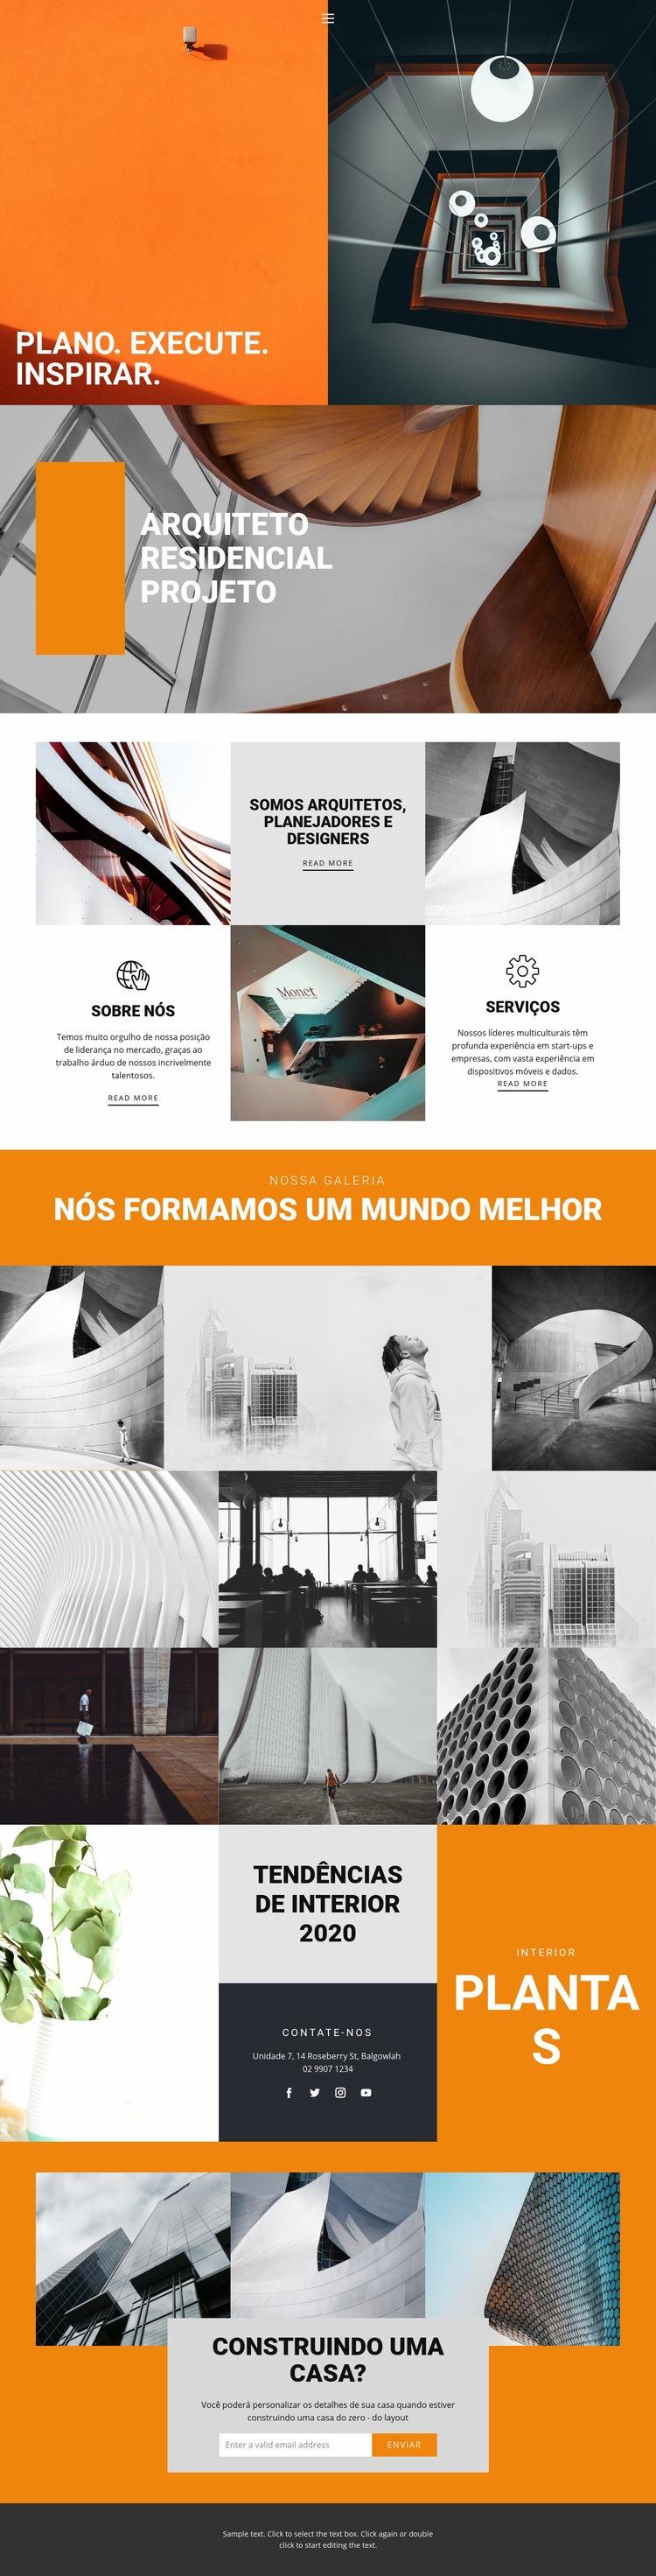 Formas inspiradoras de arquitetura Modelo de site